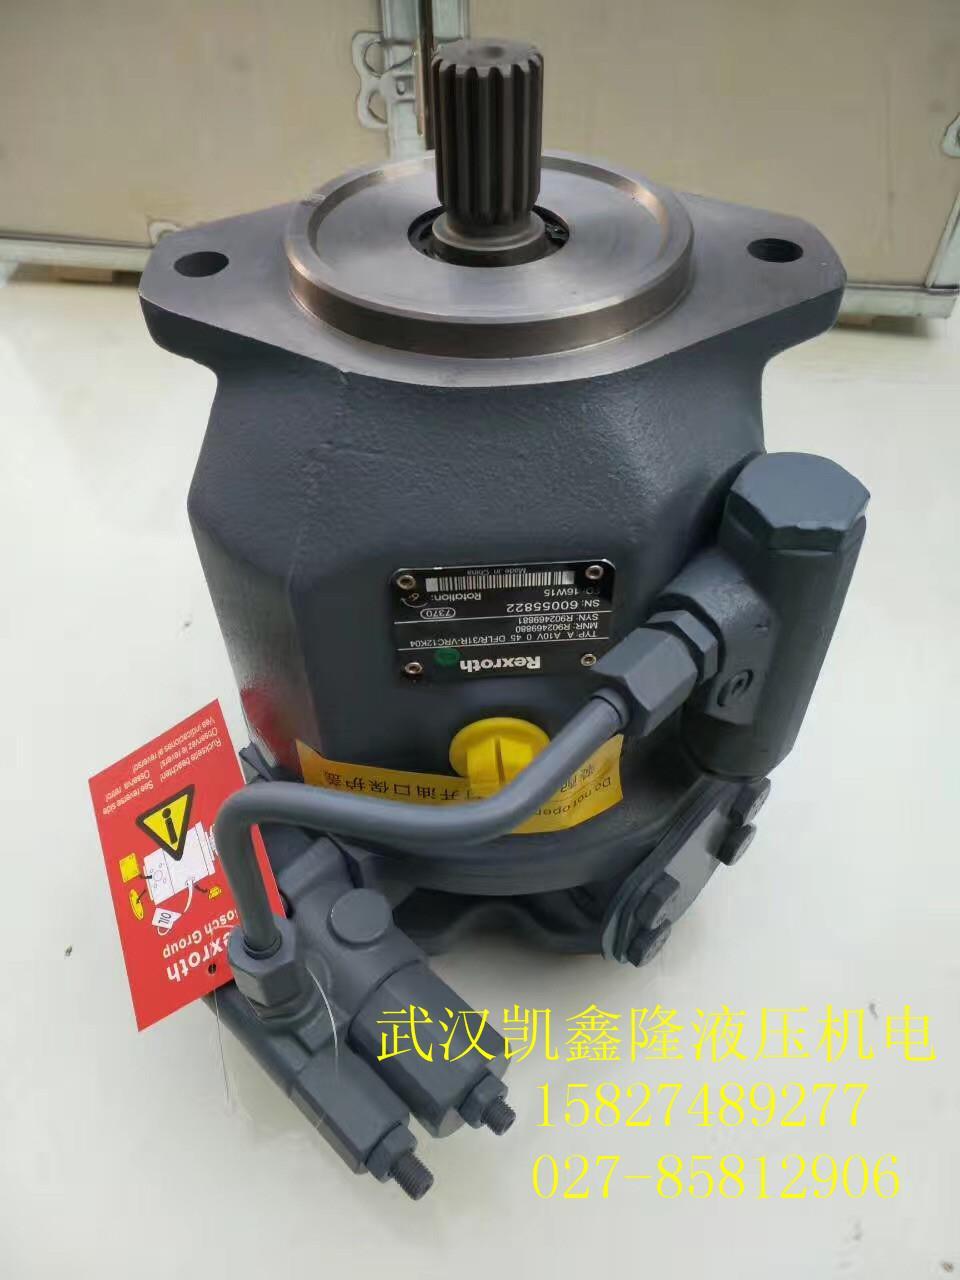 新闻:A11VO260LR.C/11L-NTD12N00力士乐柱塞泵_武汉凯鑫隆液压机电设备有限公司